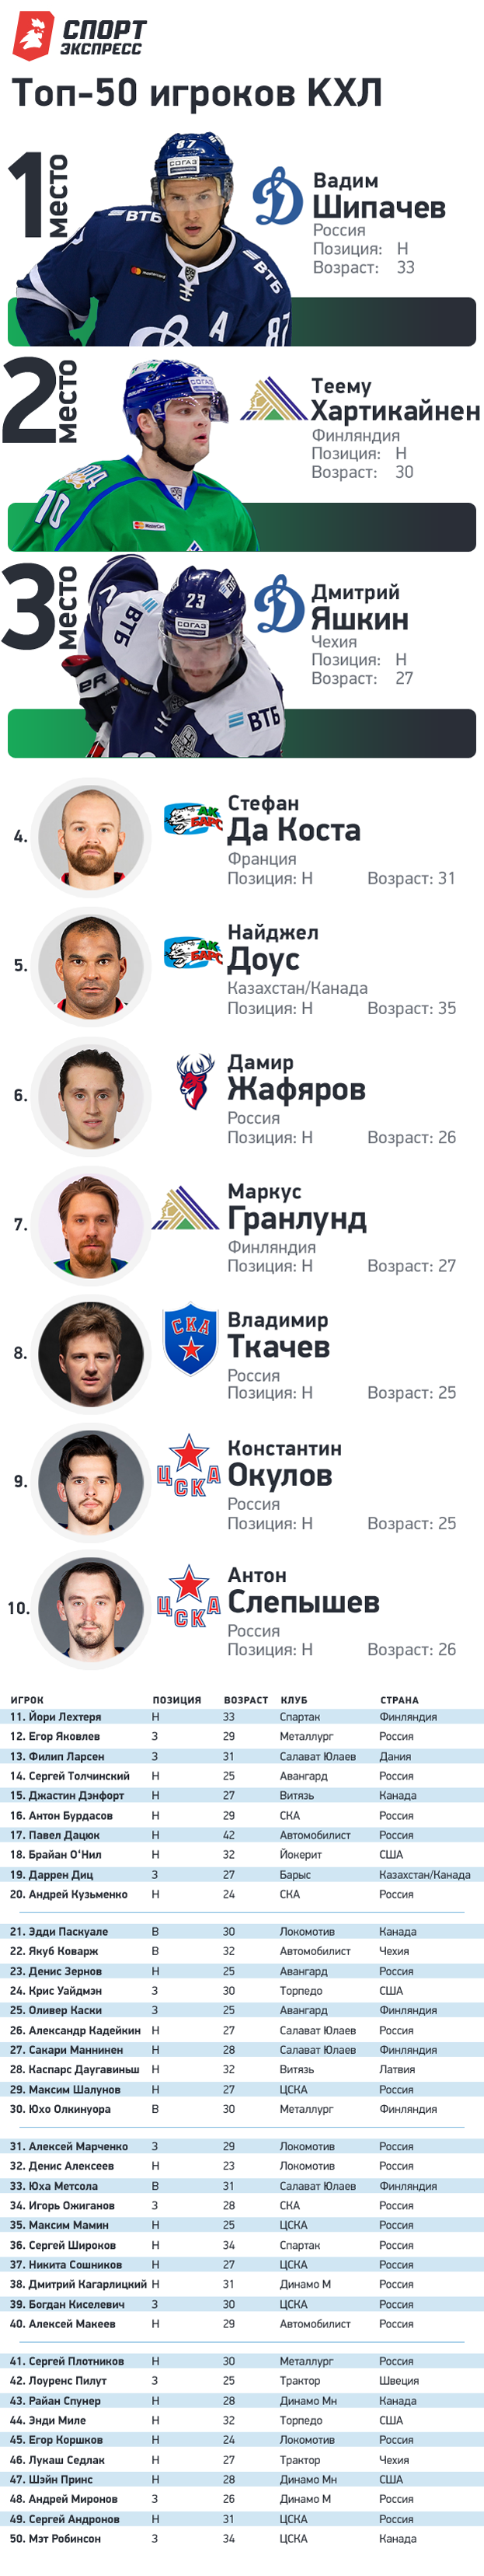 """Топ-50 лучших игроков КХЛ. Фото """"СЭ"""""""